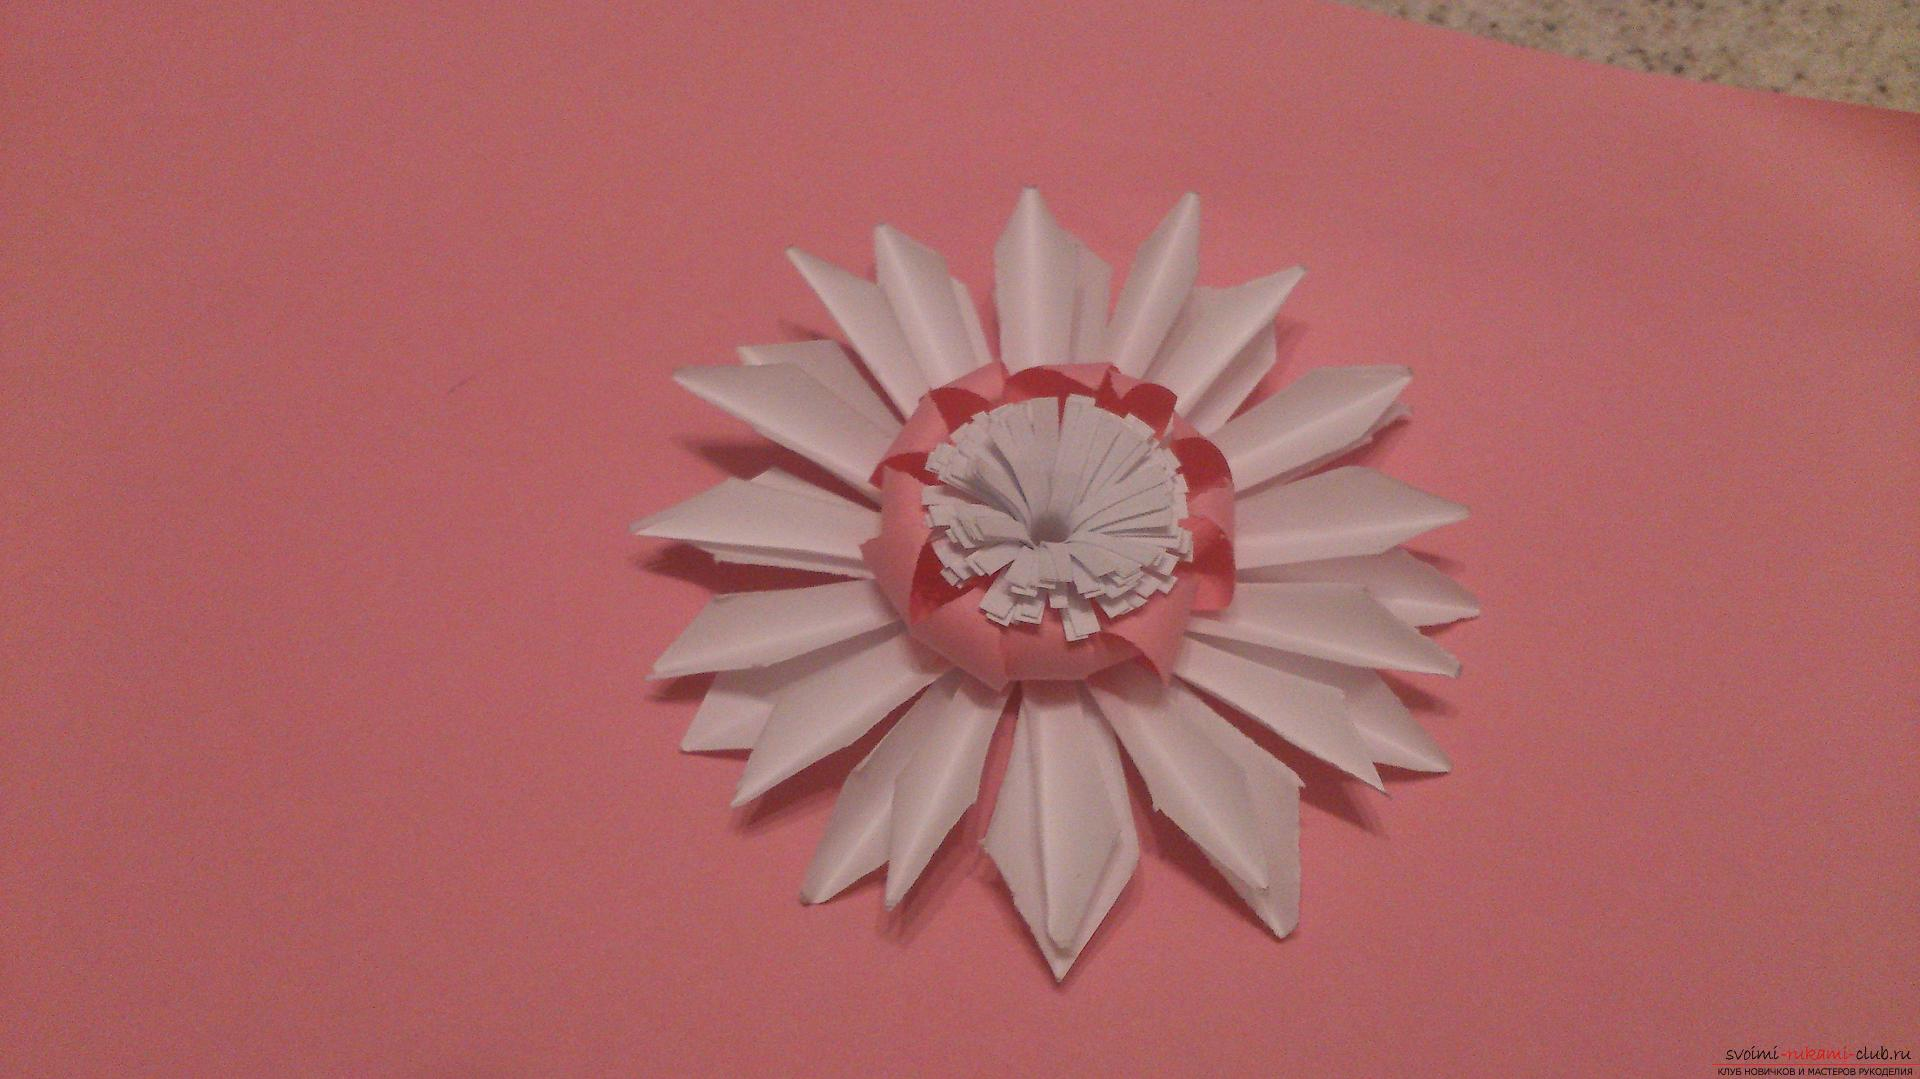 Поделки в технике бумагопластики очень разнообразны, предлагаем сделать картину из цветов, а цветы из бумаги изготовим своими руками.. Фото №19